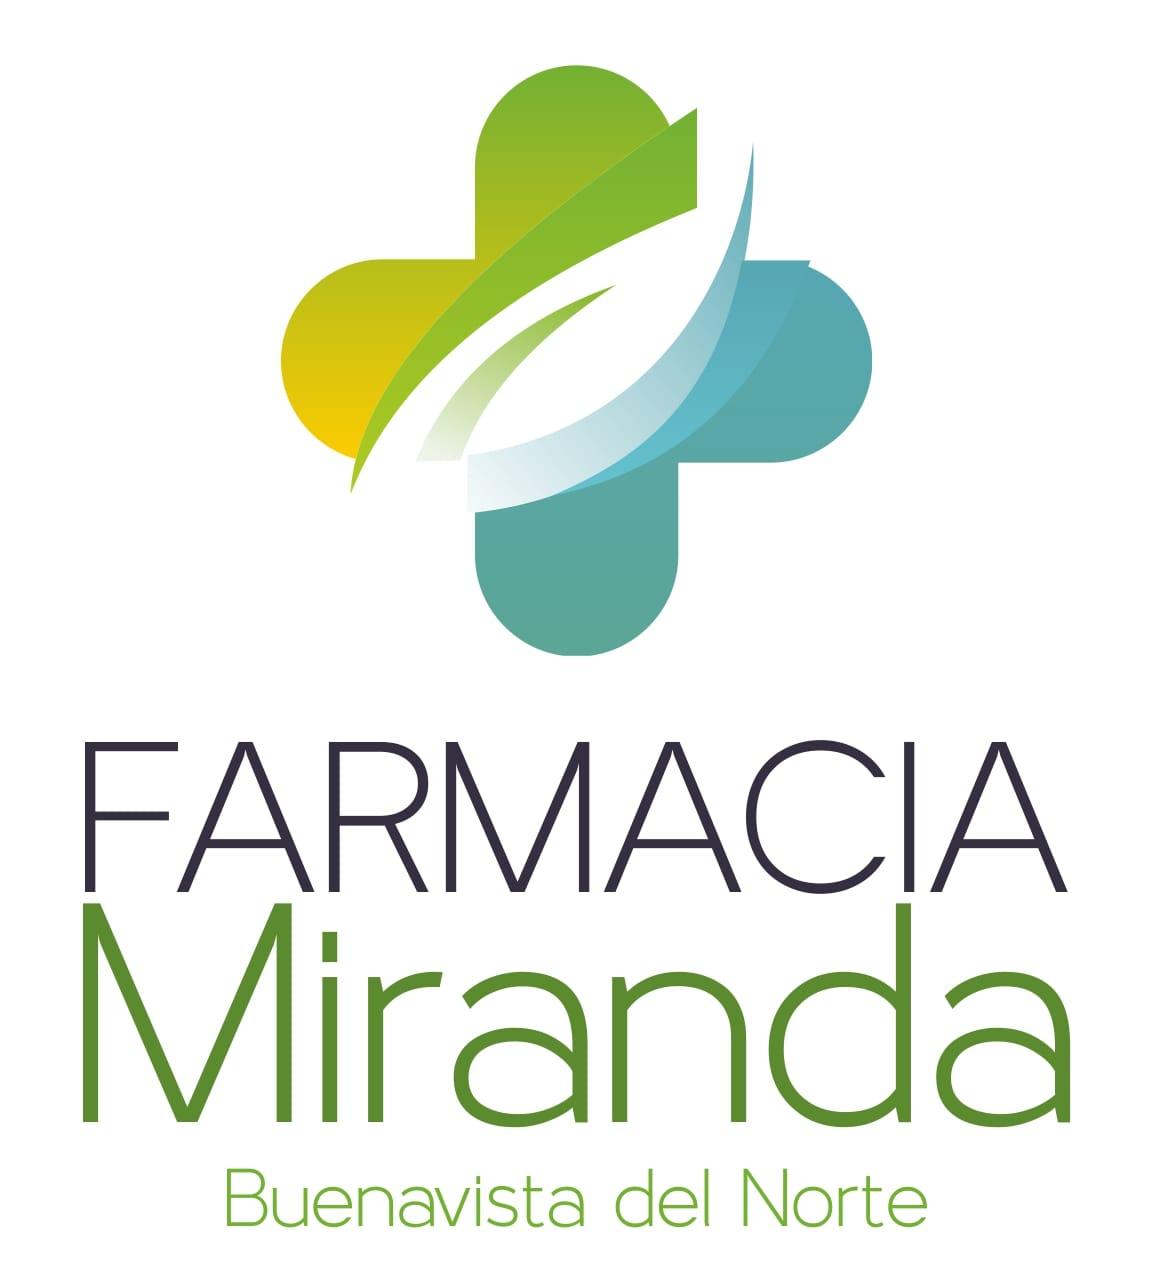 Farmacia Miranda Buenavista del Norte